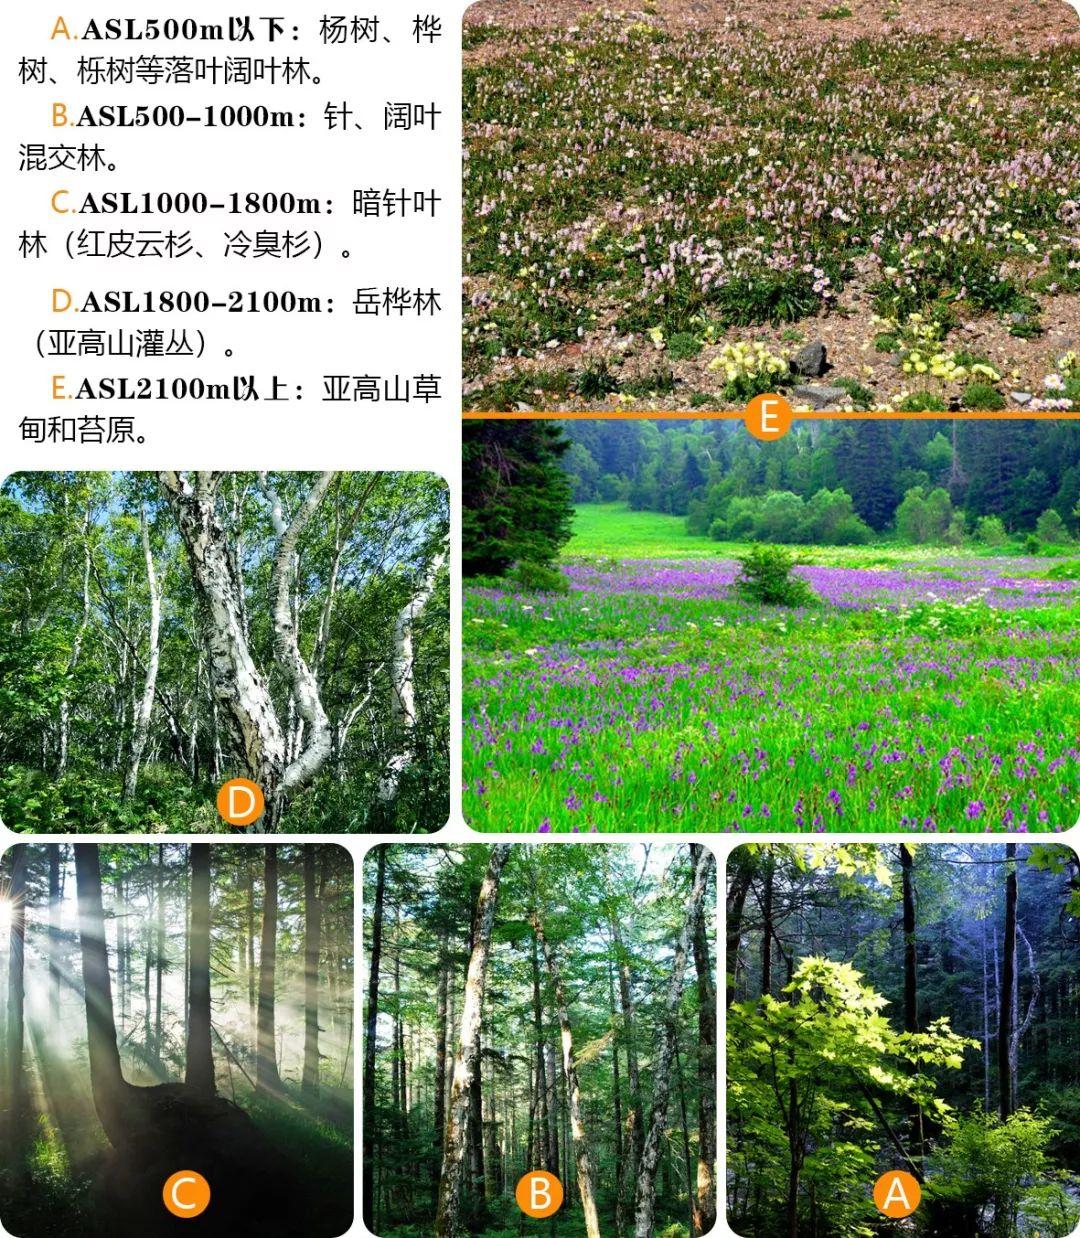 优暑假 解密中温带神秘原始森林,登临东北亚最高峰的清凉夏日 两期